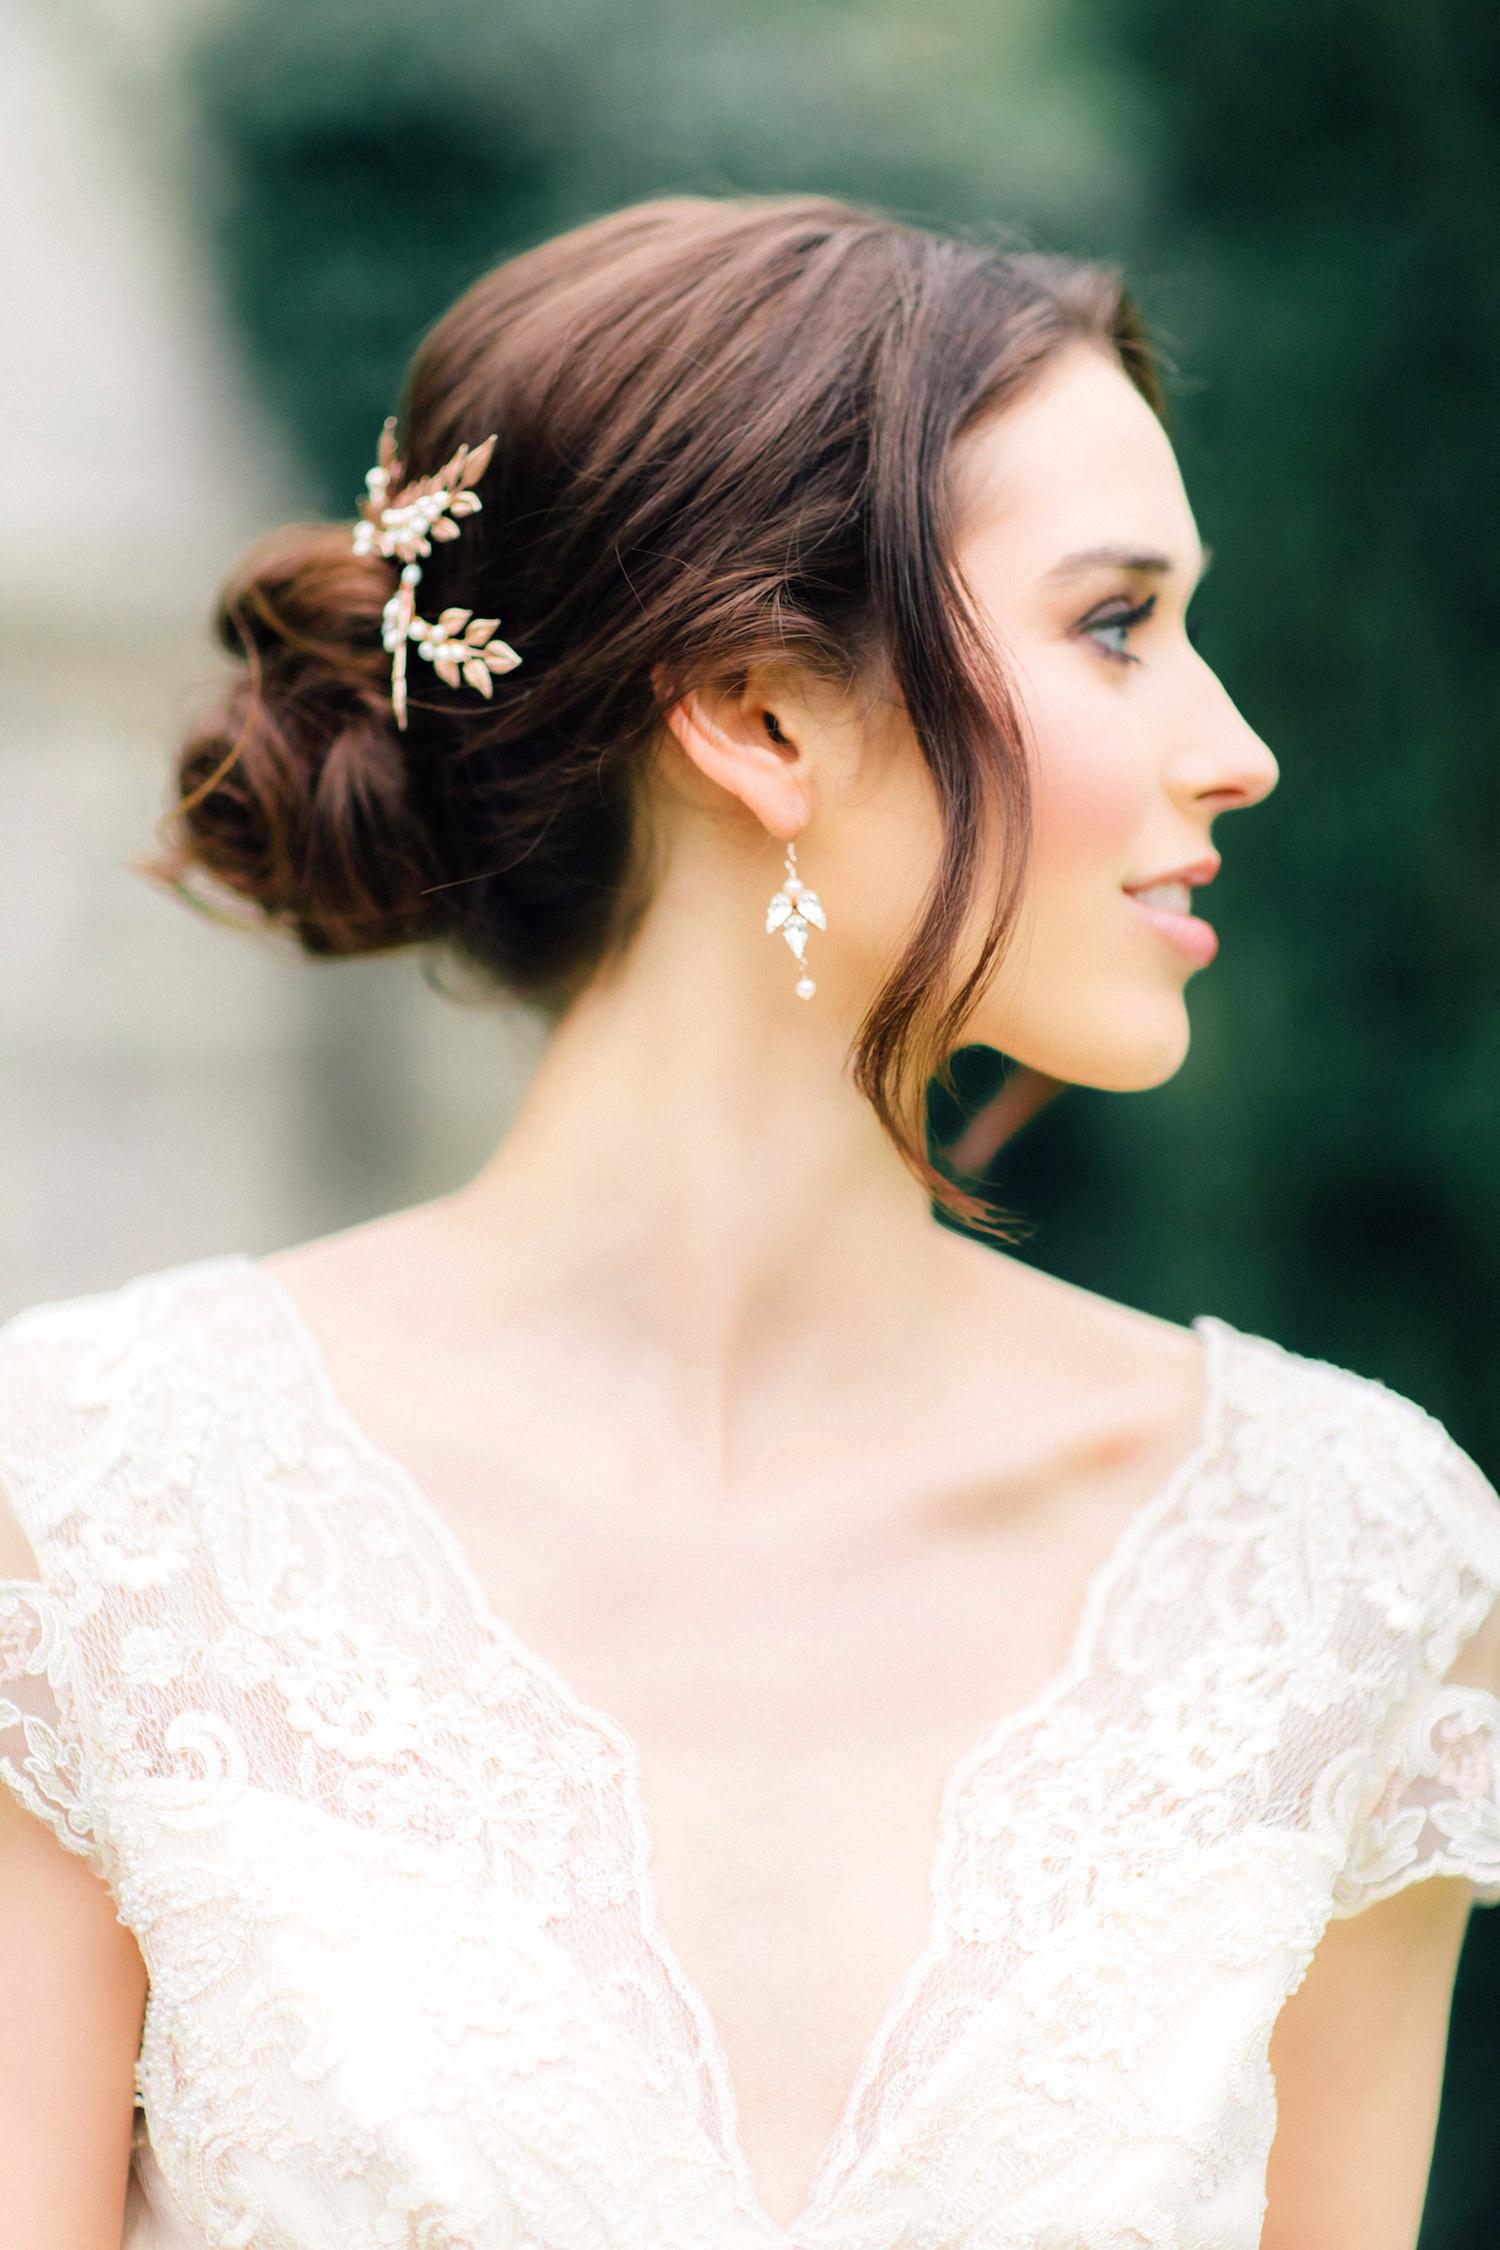 Kelly-Spence-accessories-Cece-earrings-San-Shaw.jpg